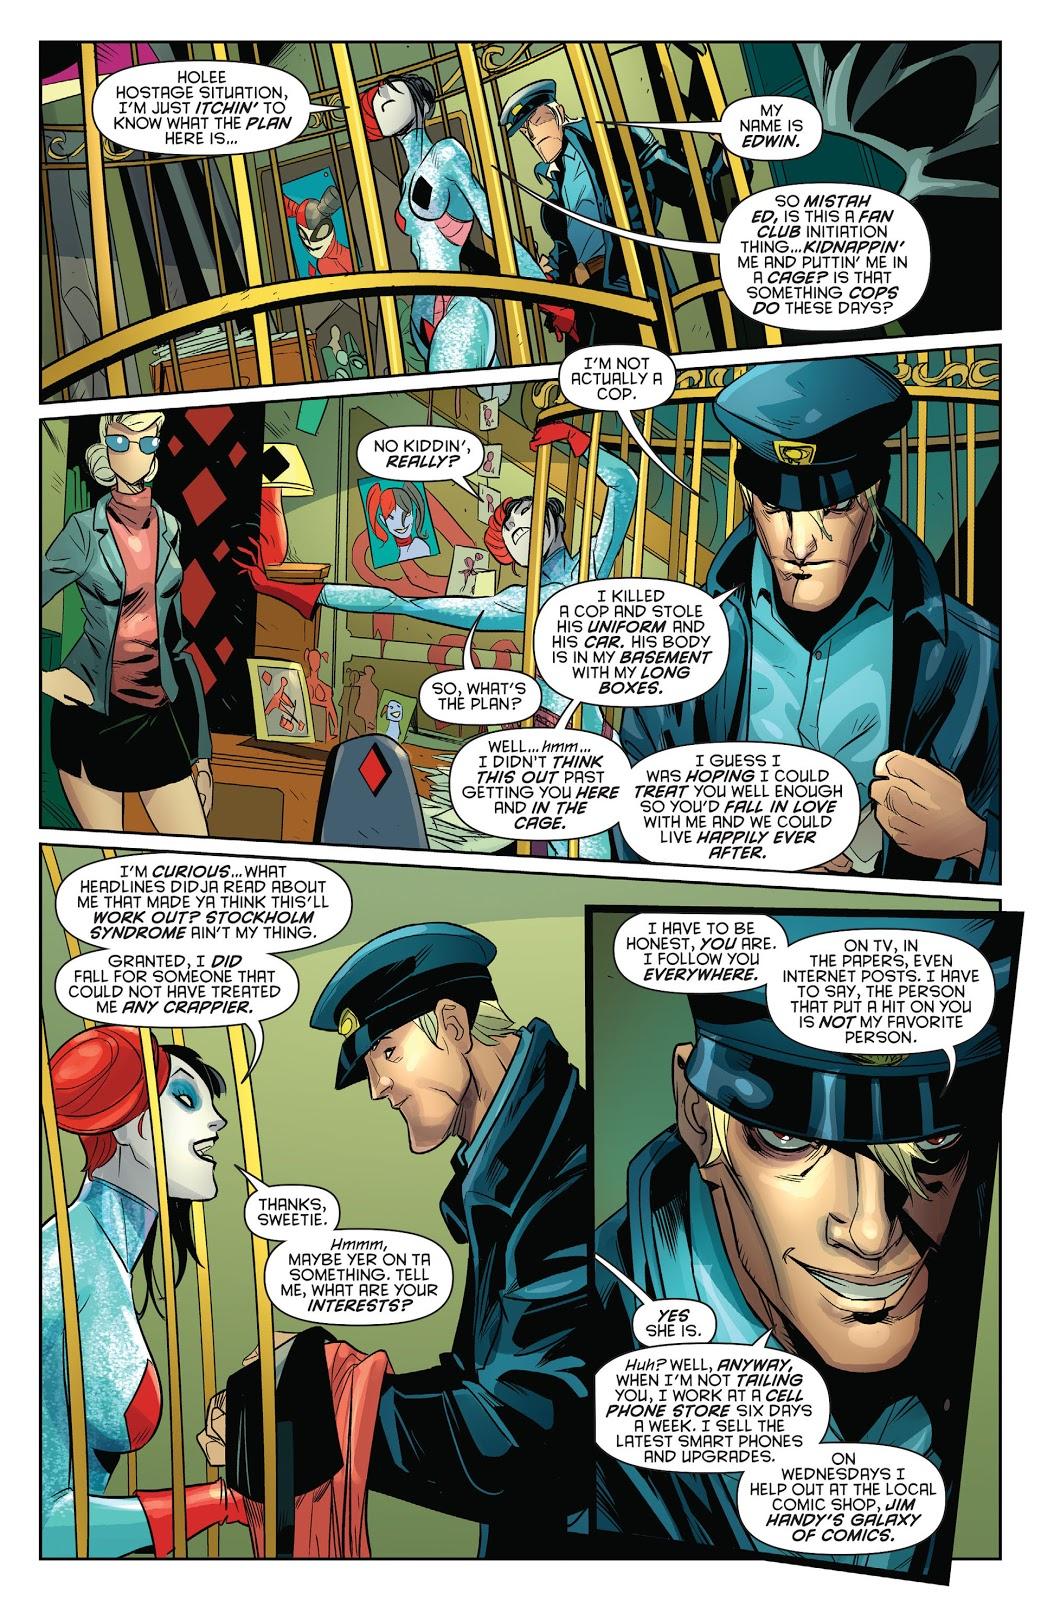 Harley Quinn VS Her Obsessed Stalker